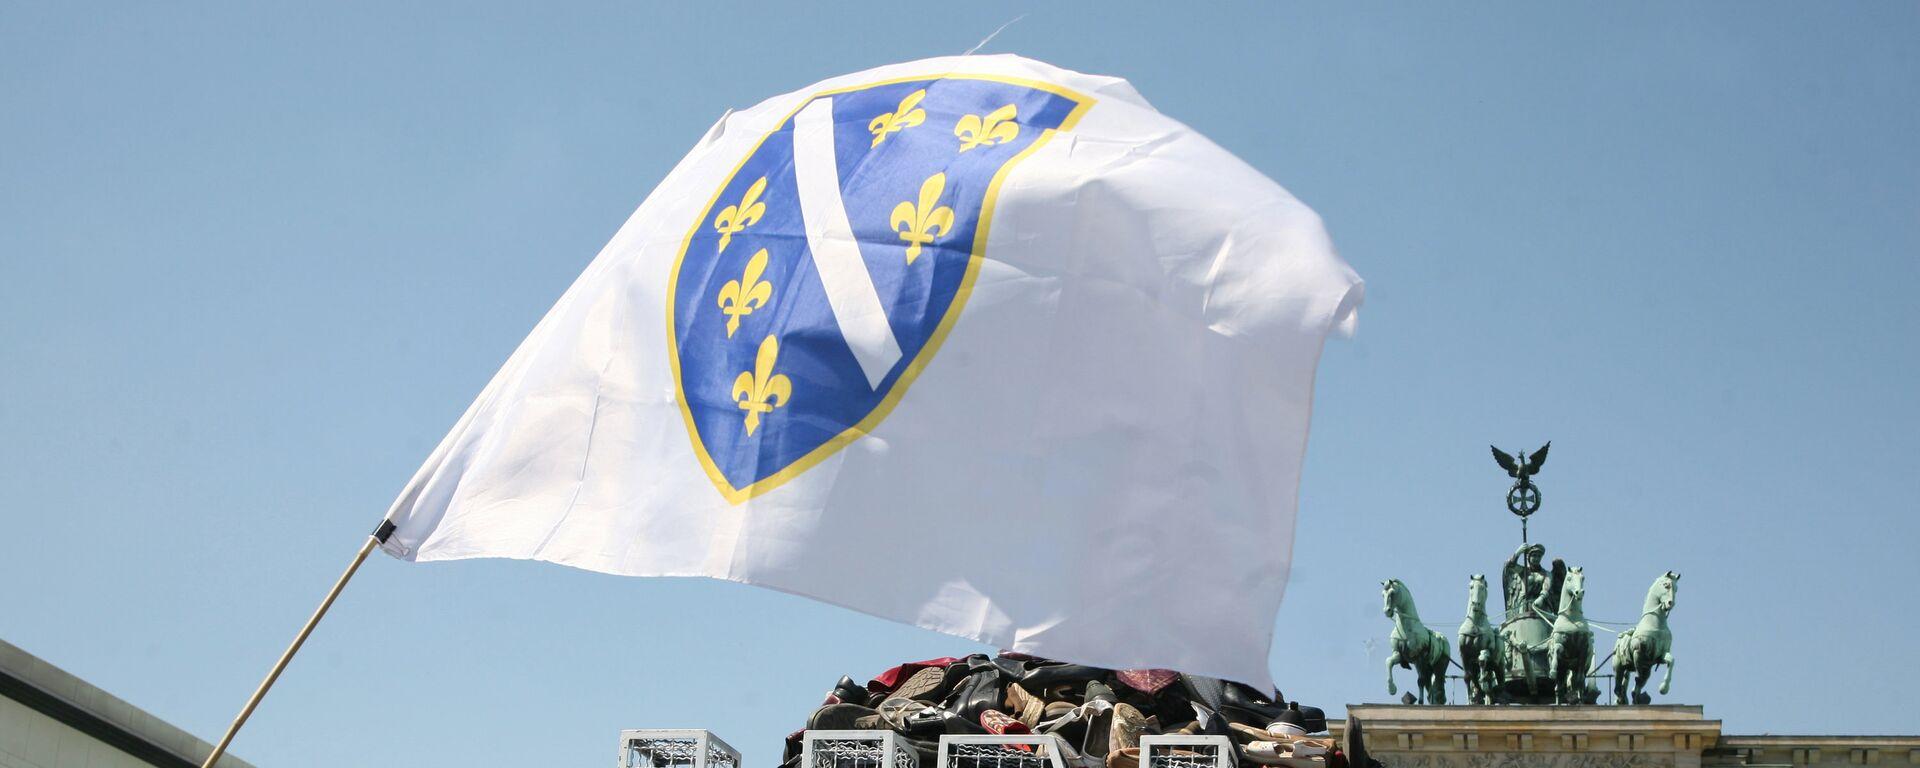 Zastava Bosne i Hercegovine ispred gomile cipela i logoa UN ispred Brandenburške kapije u Berlinu. - Sputnik Srbija, 1920, 21.07.2021